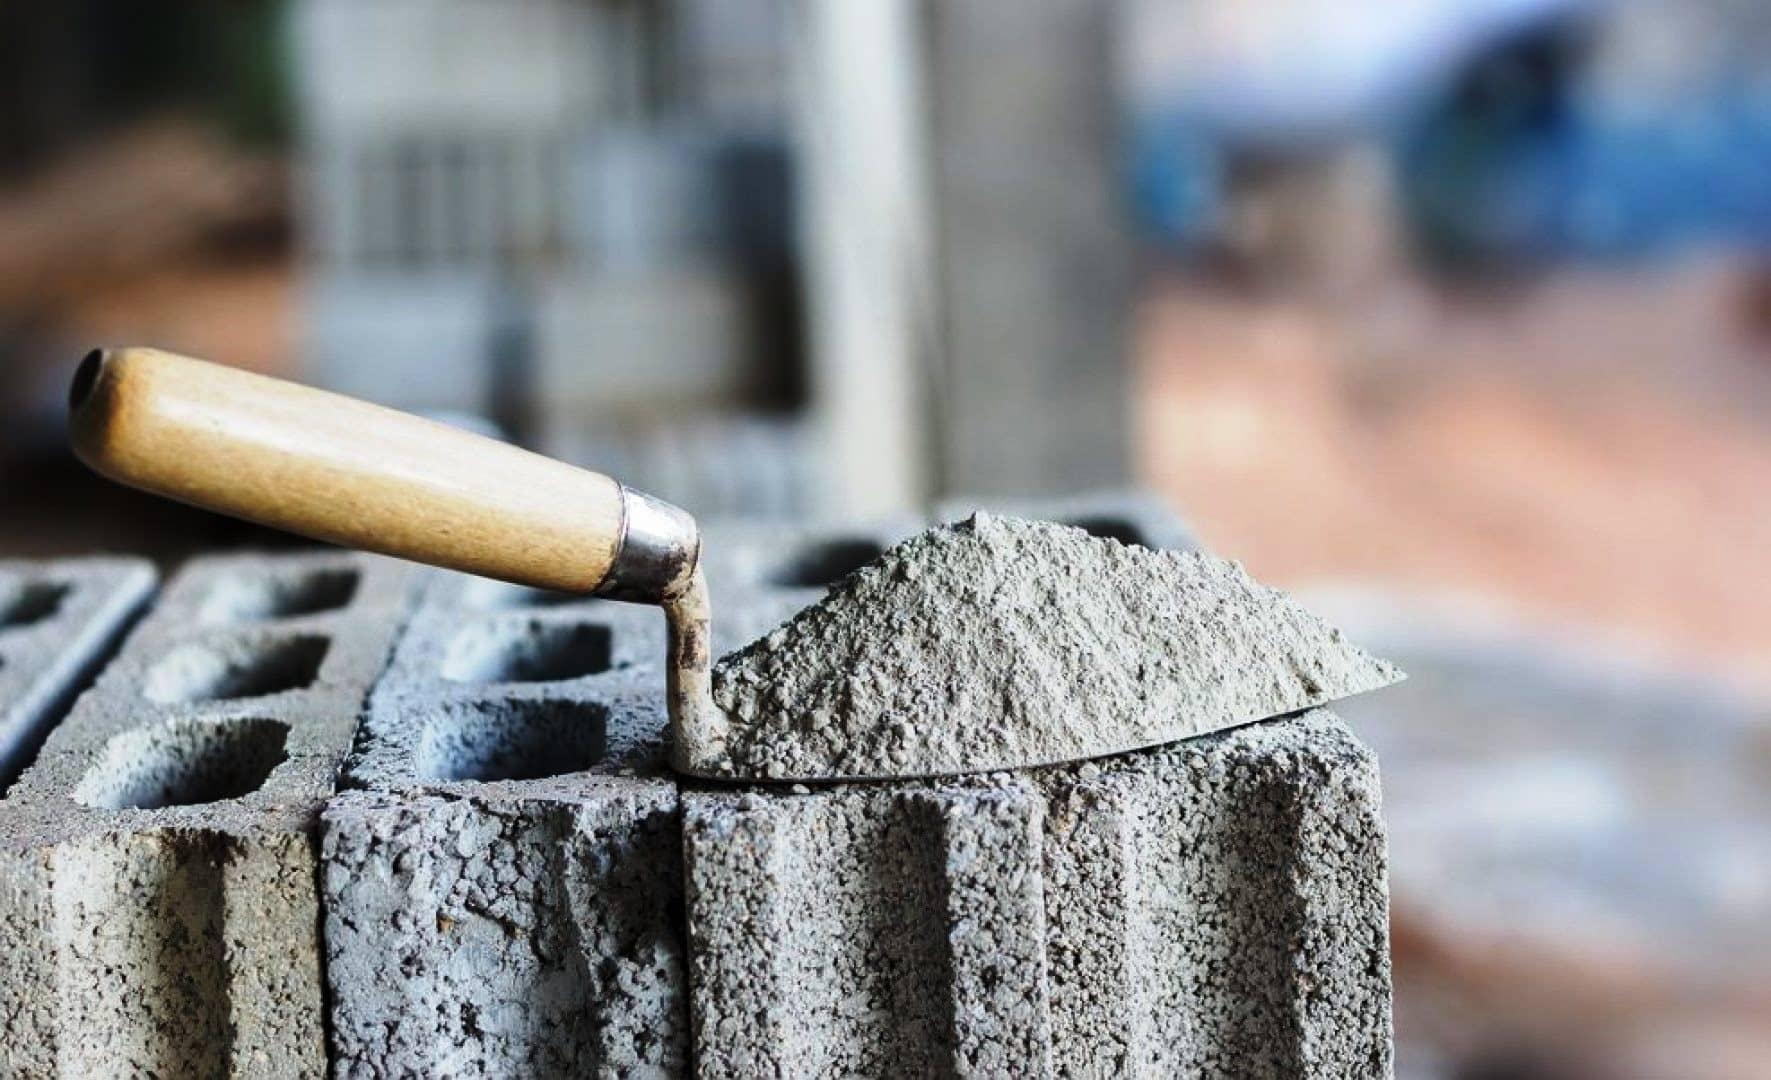 Как сохранить цемент на даче зимой | Как сохранить цемент в мешках зимой